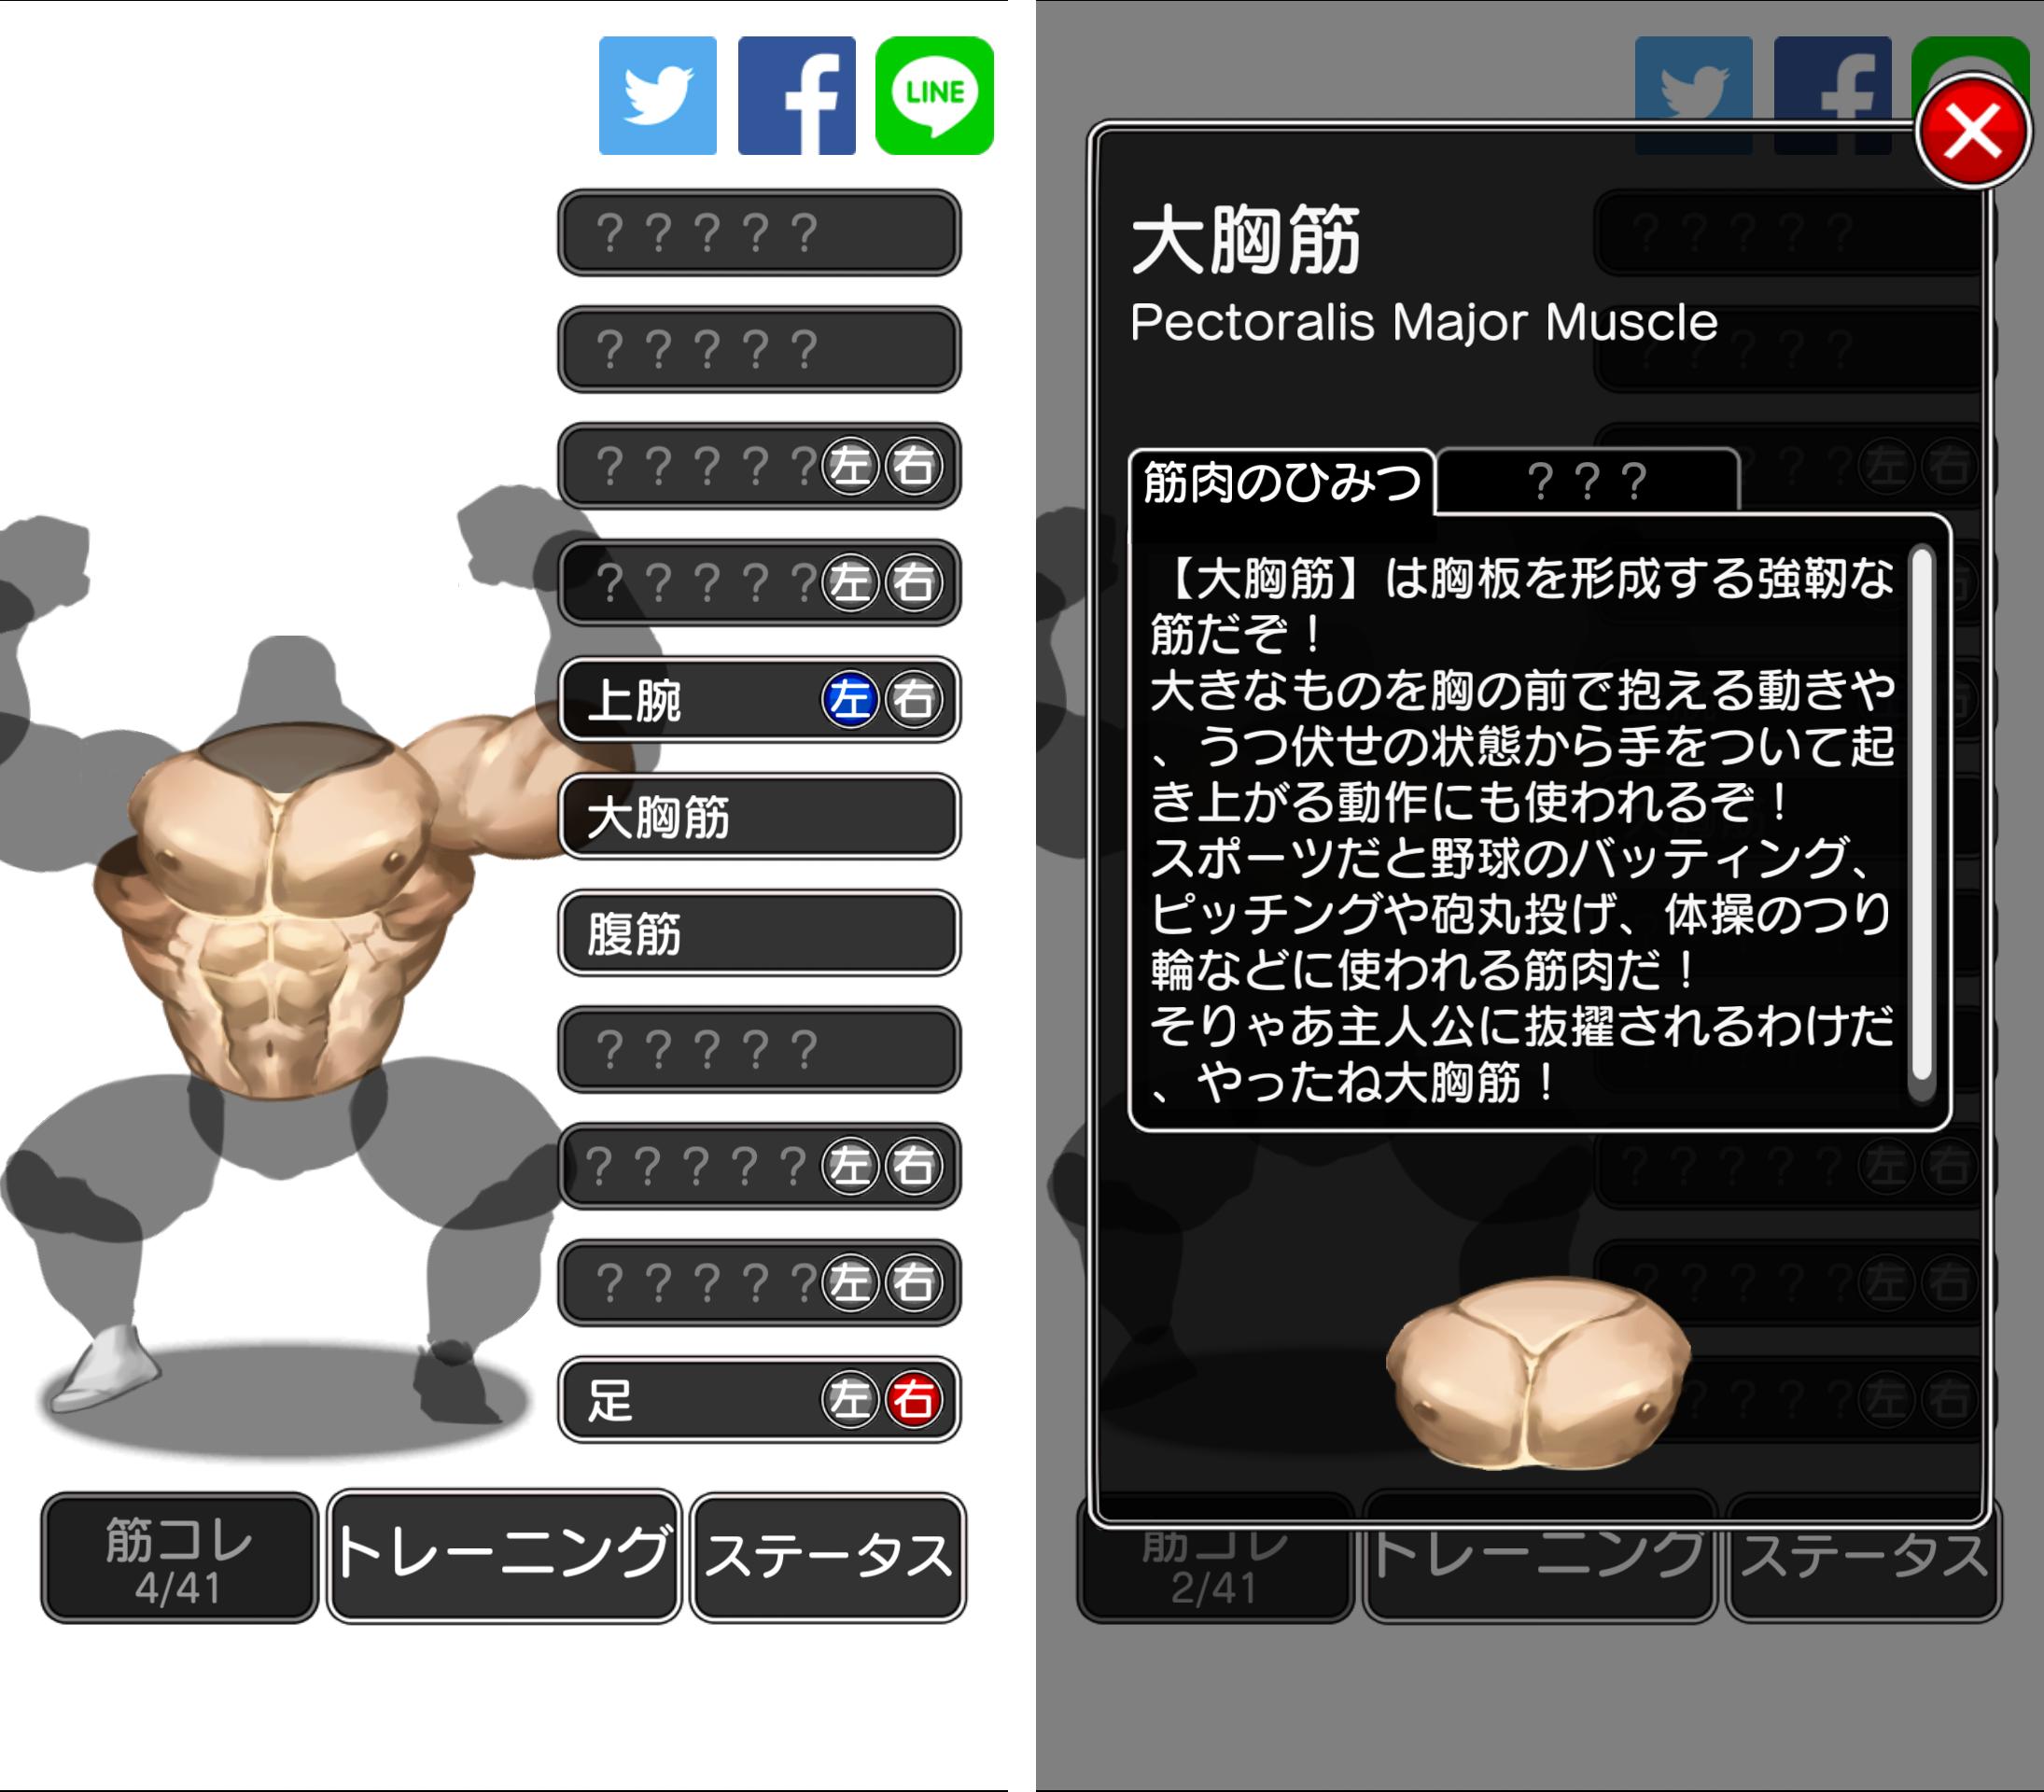 androidアプリ キンニクエスト 筋肉と筋肉と筋肉と呪われし筋肉攻略スクリーンショット7